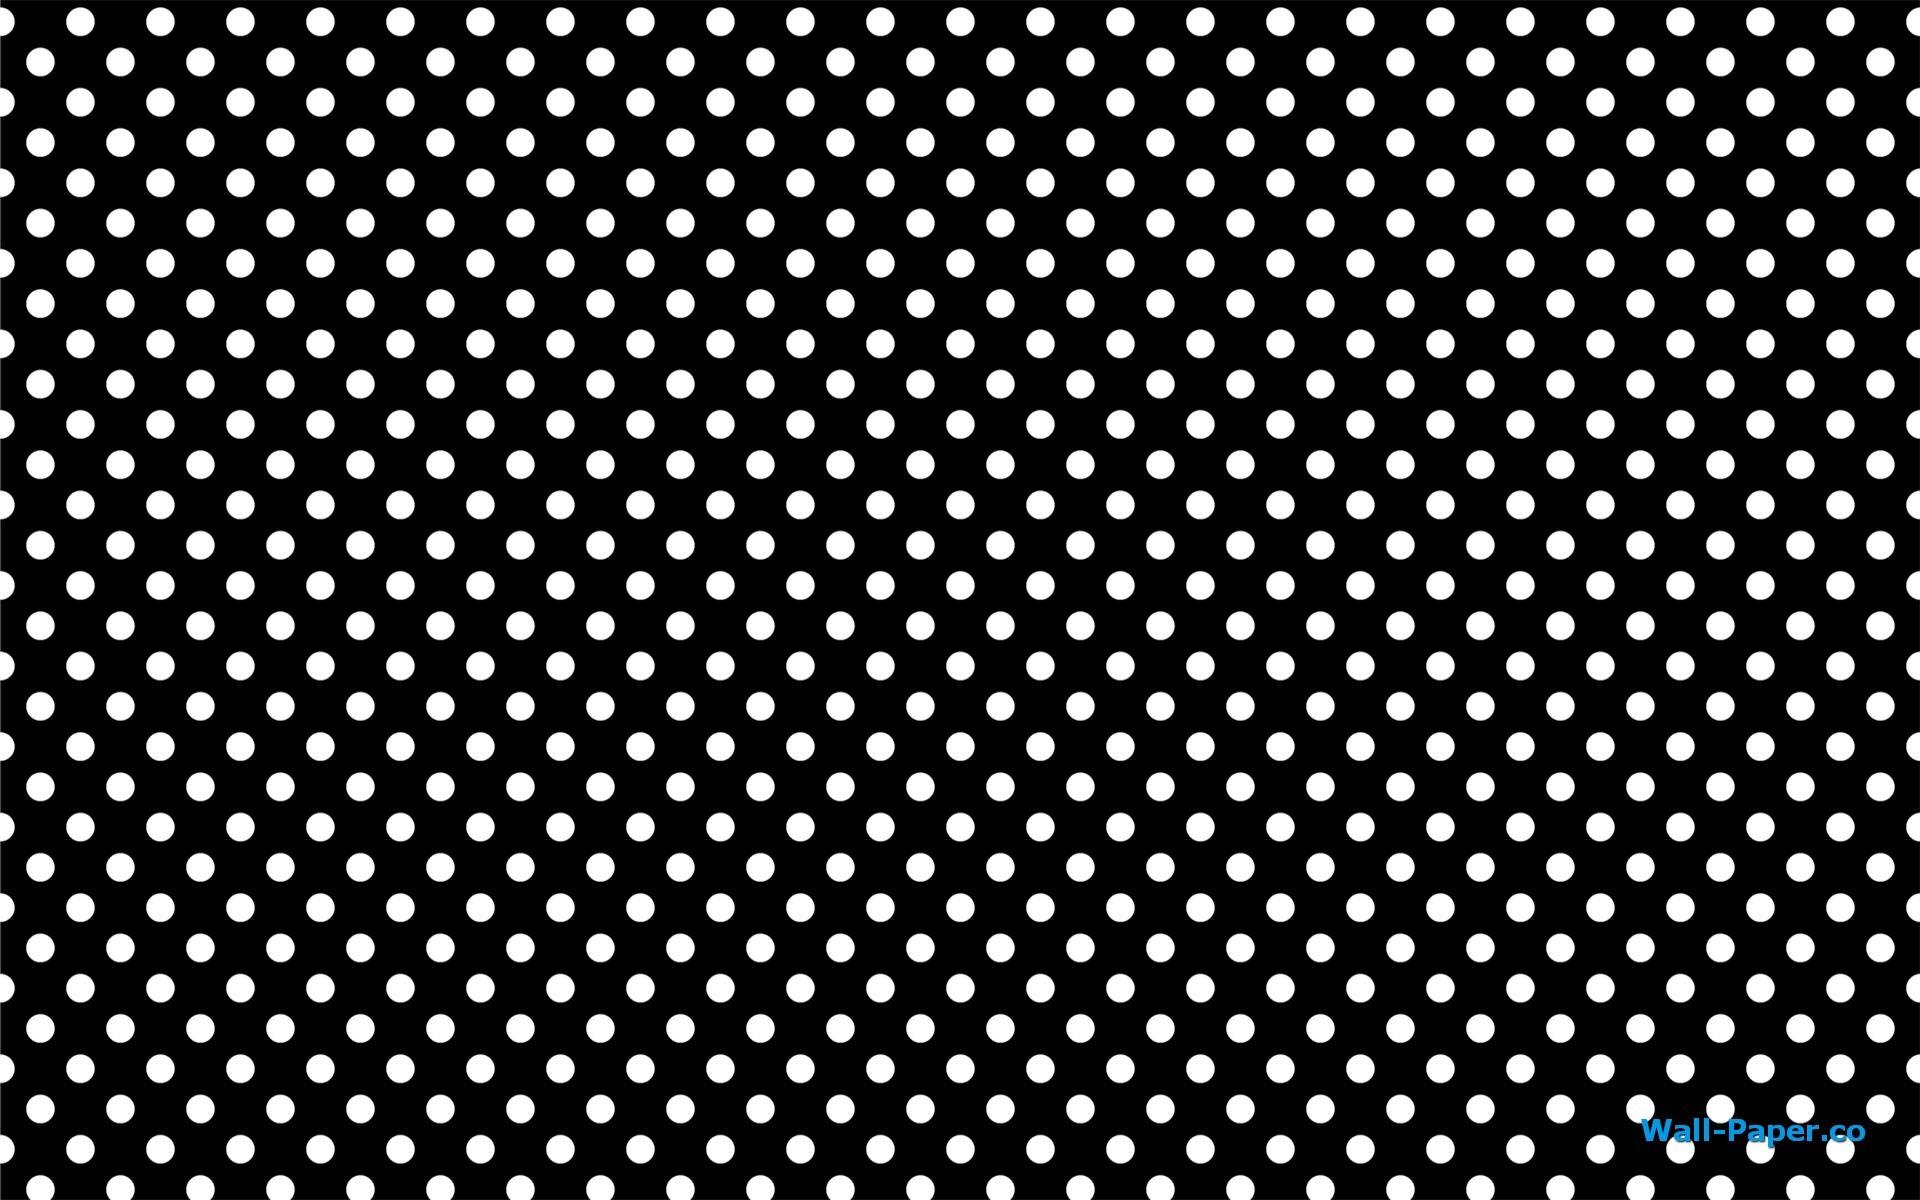 polka dot wallpaper download free cool high resolution wallpapers for desktop mobile laptop. Black Bedroom Furniture Sets. Home Design Ideas